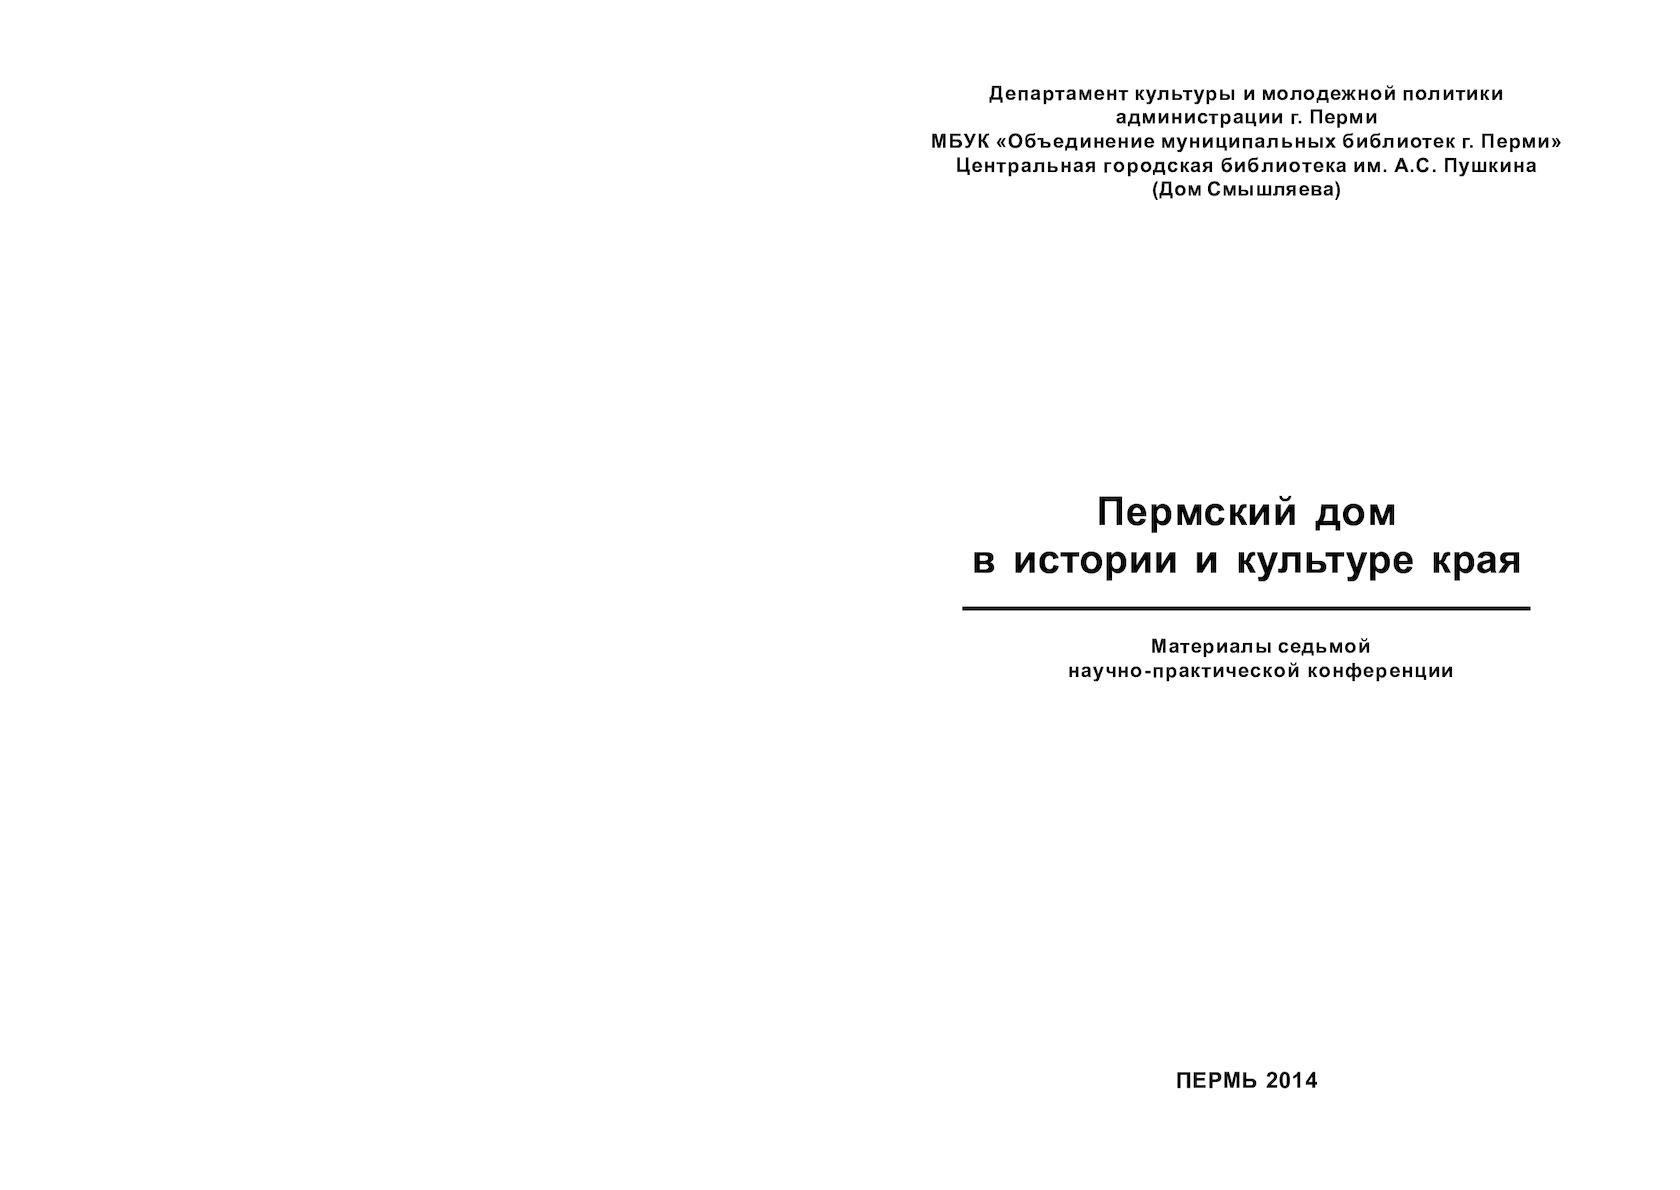 Купить справку для оформления опеки форма 164/у-96 Выборгский район Вызов на сессию Черкизовская